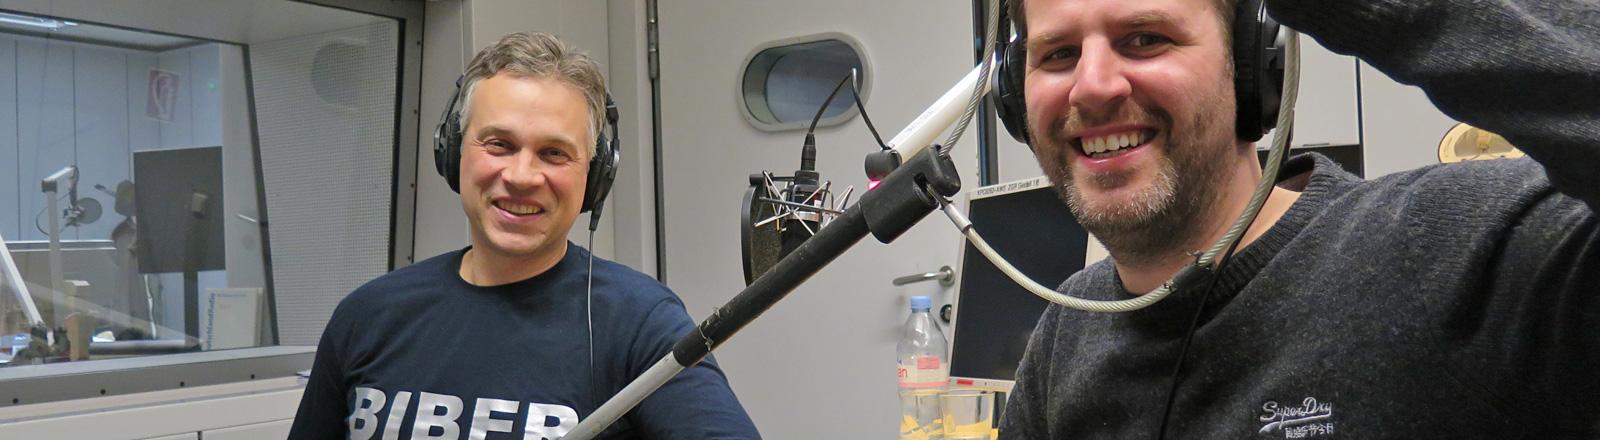 Der Tierretter Michael Schäfer sitzt im Studio. Er hält eine Schlinge vor den Kopf des Moderators.